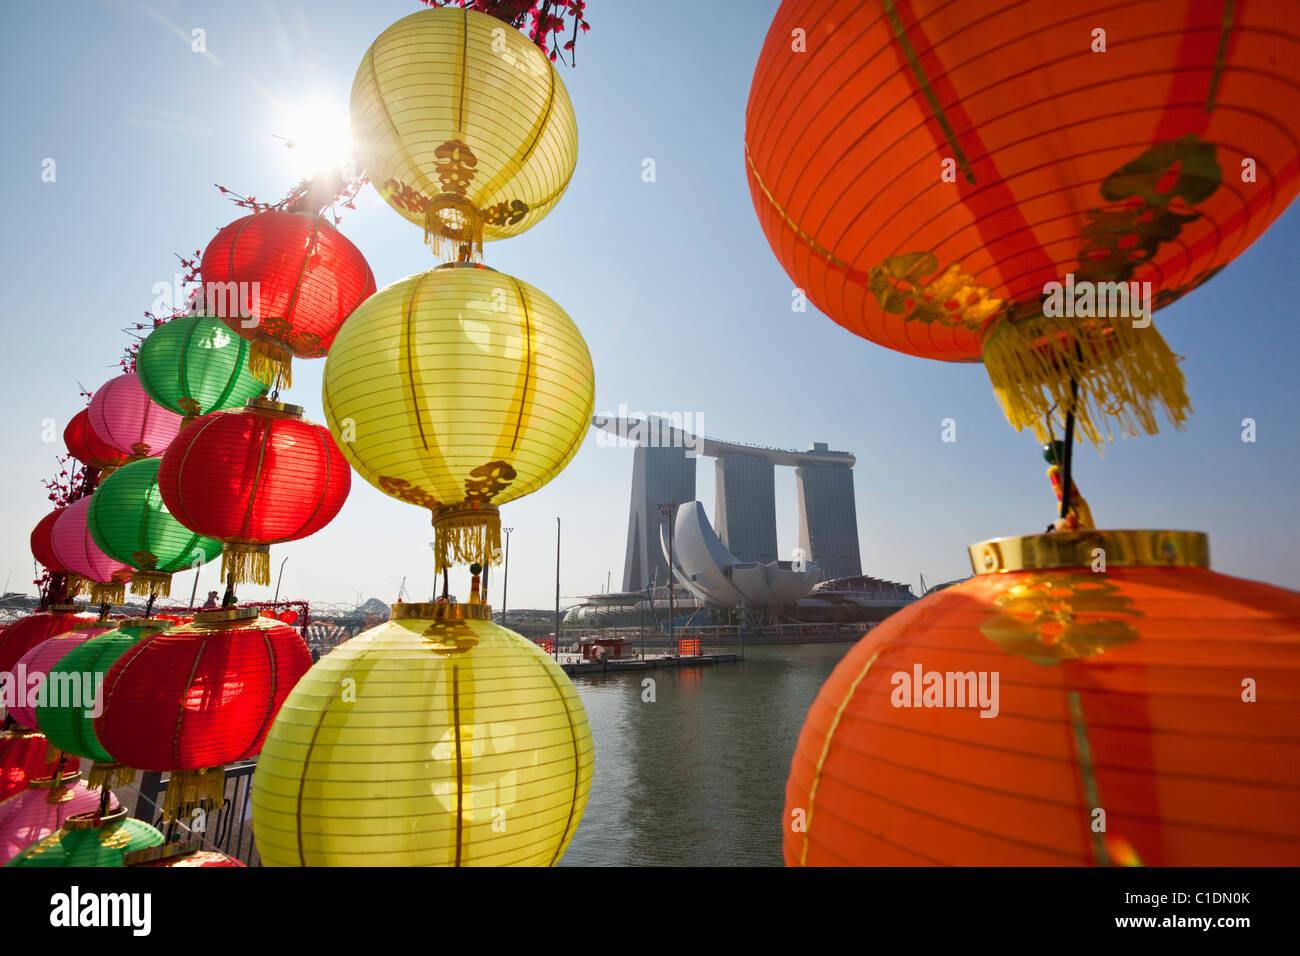 El Marina Bay Sands Singapur vistos a través de la decoración de Año Nuevo Chino. Marina Bay, Singapur Imagen De Stock